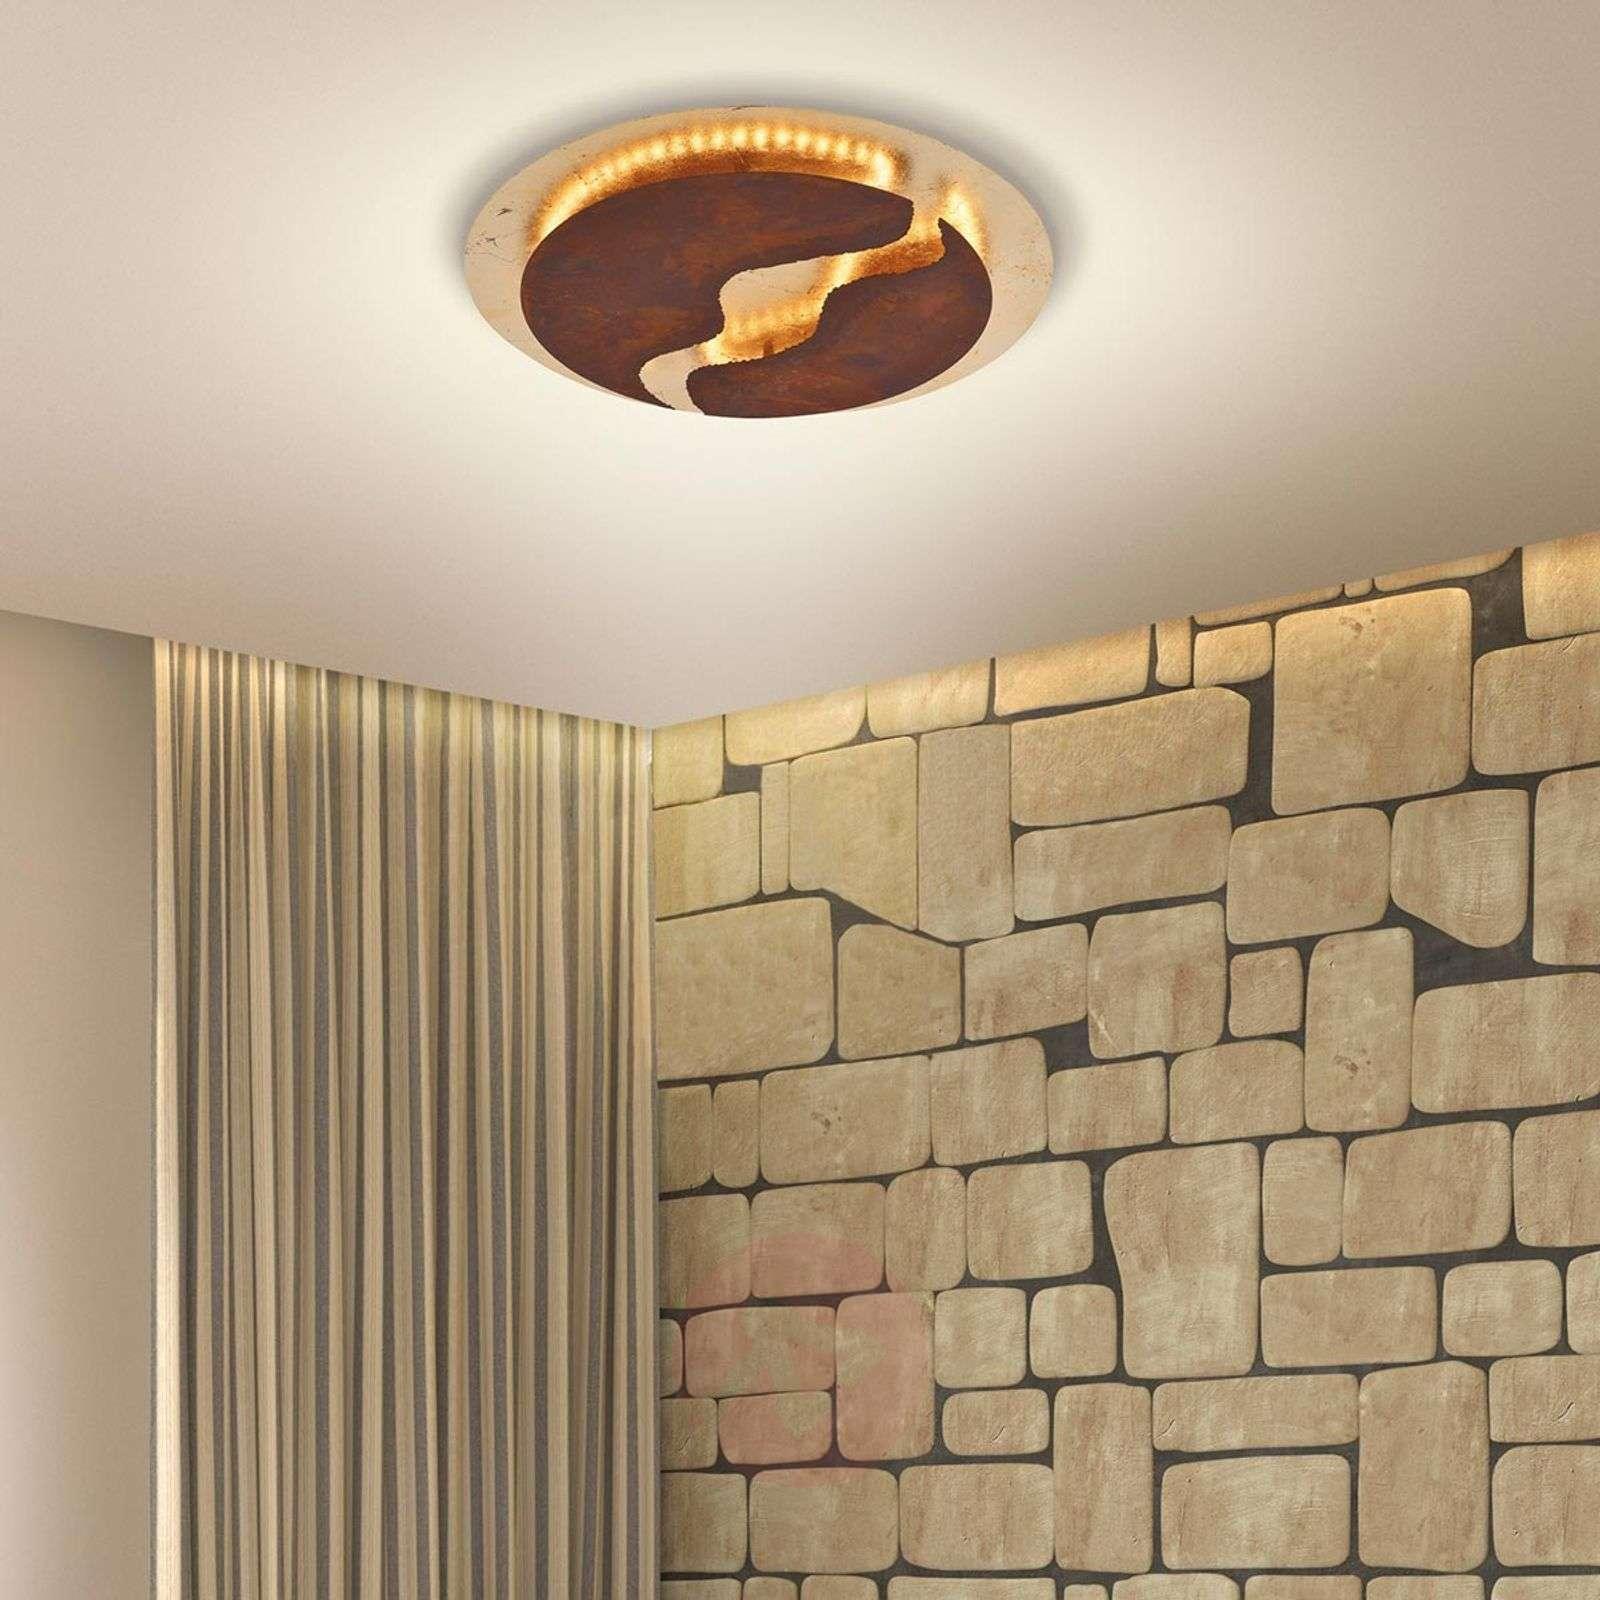 LED-kattolamppu Nevis, Ø 50 cm, ruskea, kulta-7610643-01